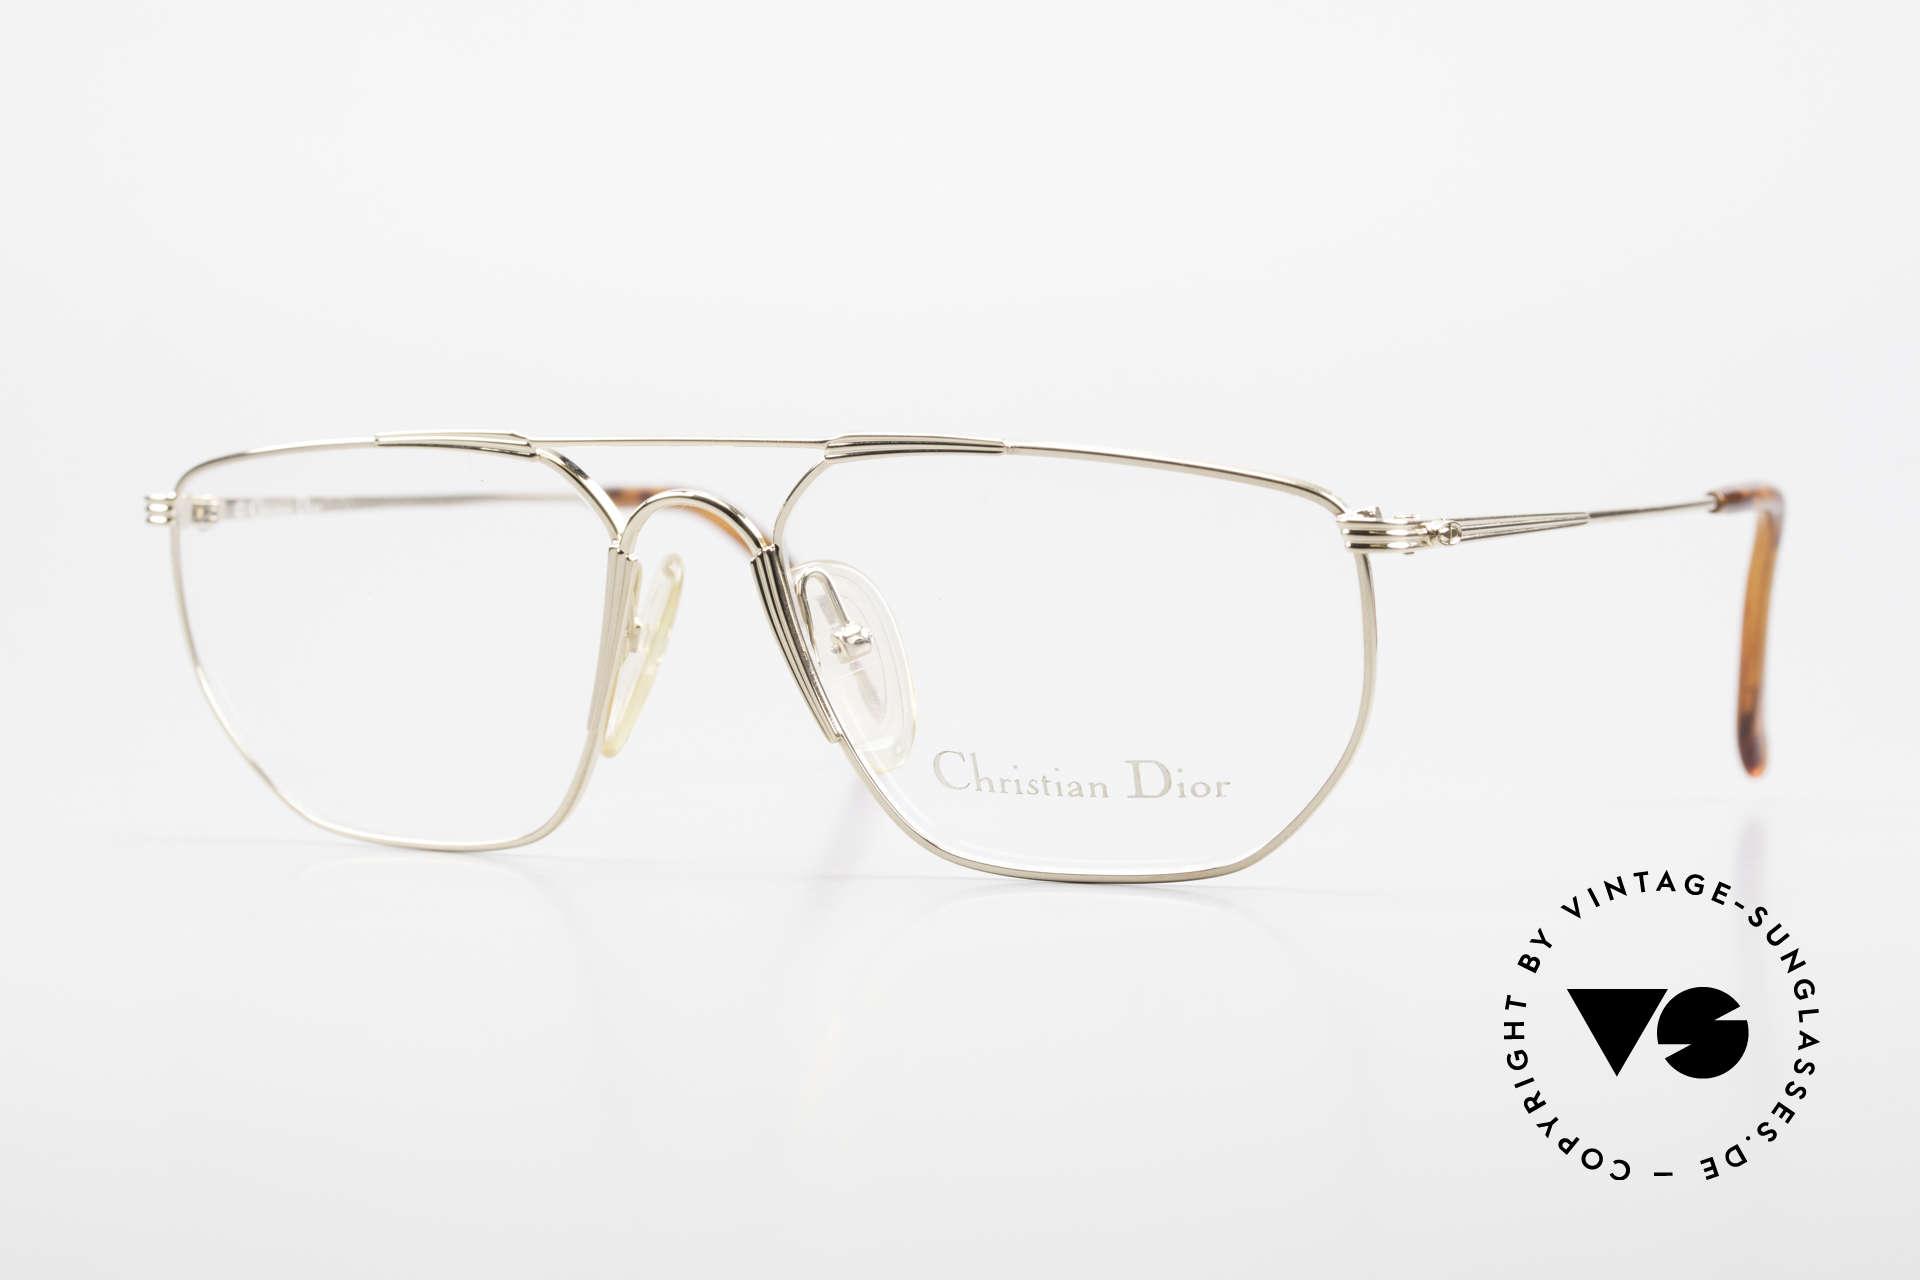 Christian Dior 2819 Echte 90er Herren Metallbrille, klassische 90er Gentlemen-Brille von Christian Dior, Passend für Herren